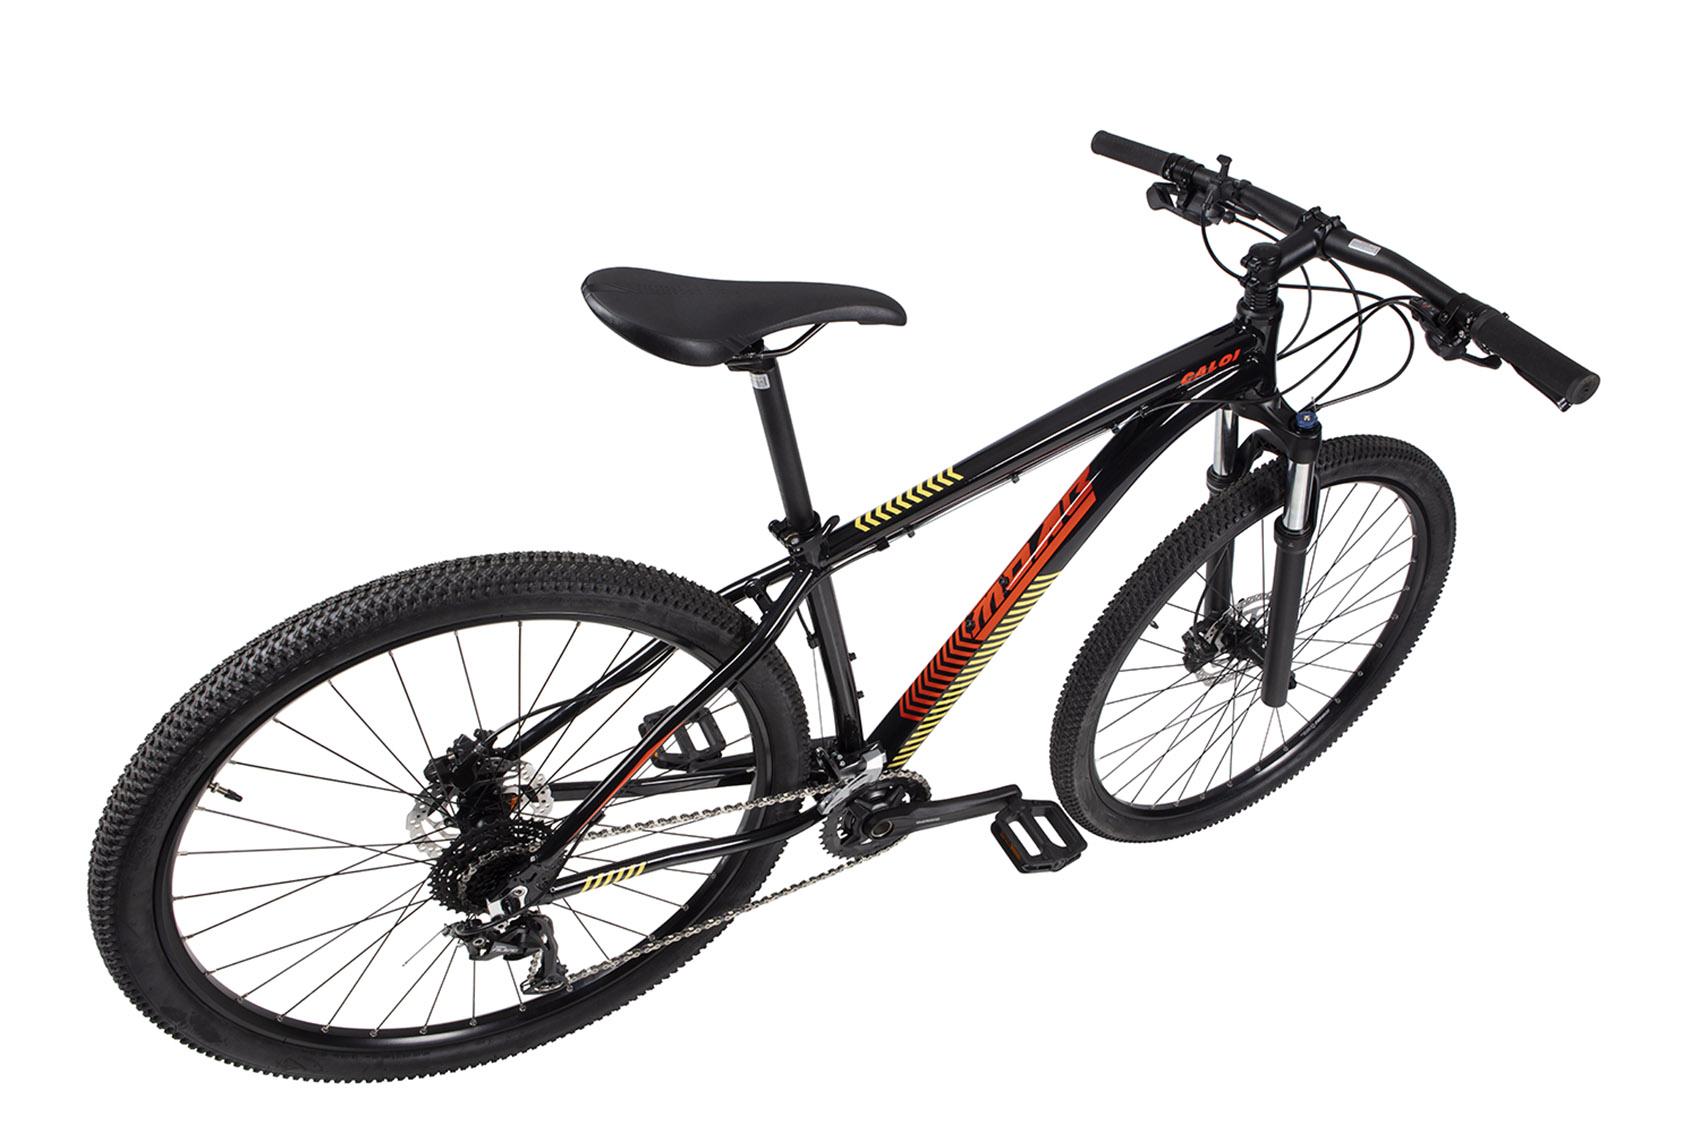 Bicicleta Aro 29 Moab 18v Shimano - Caloi